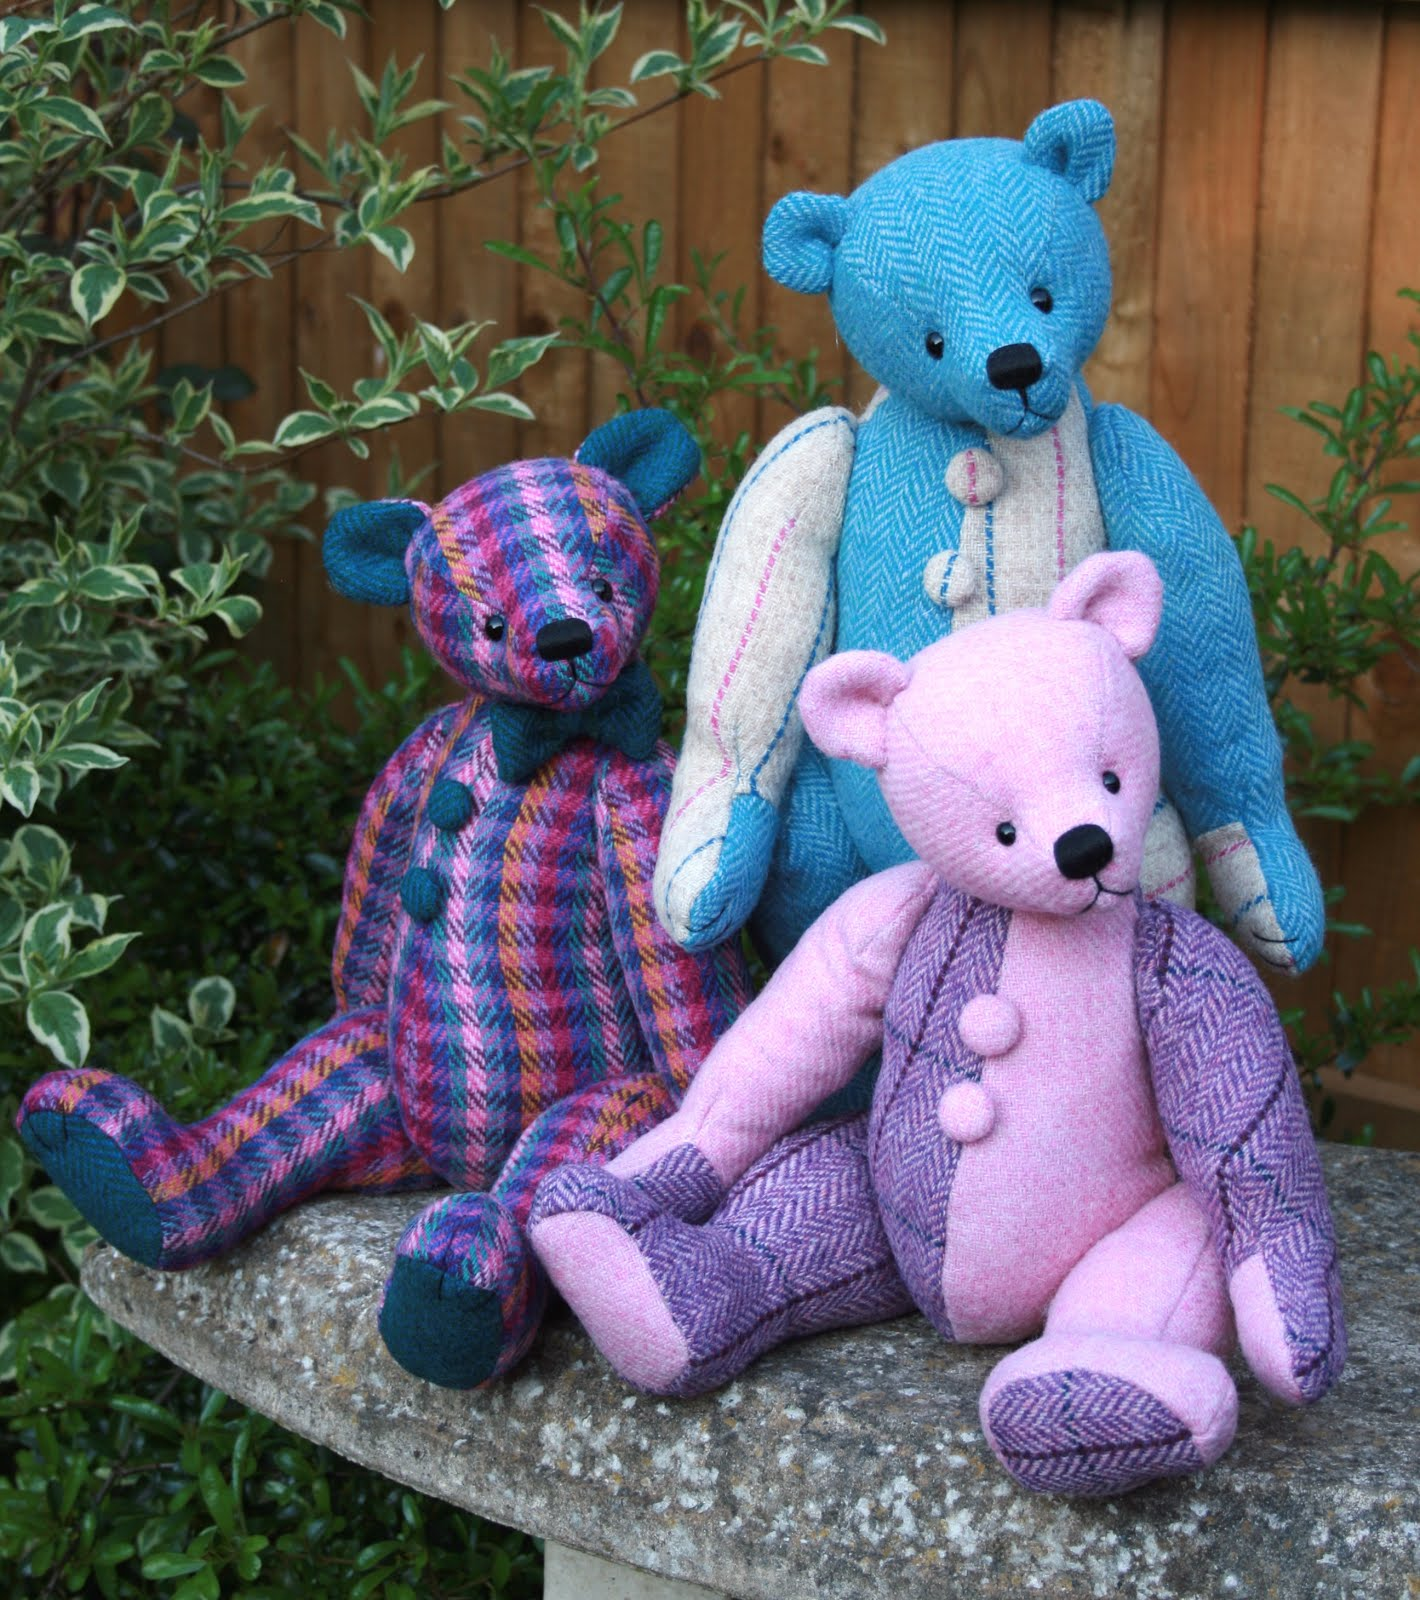 The Tweedy Teds